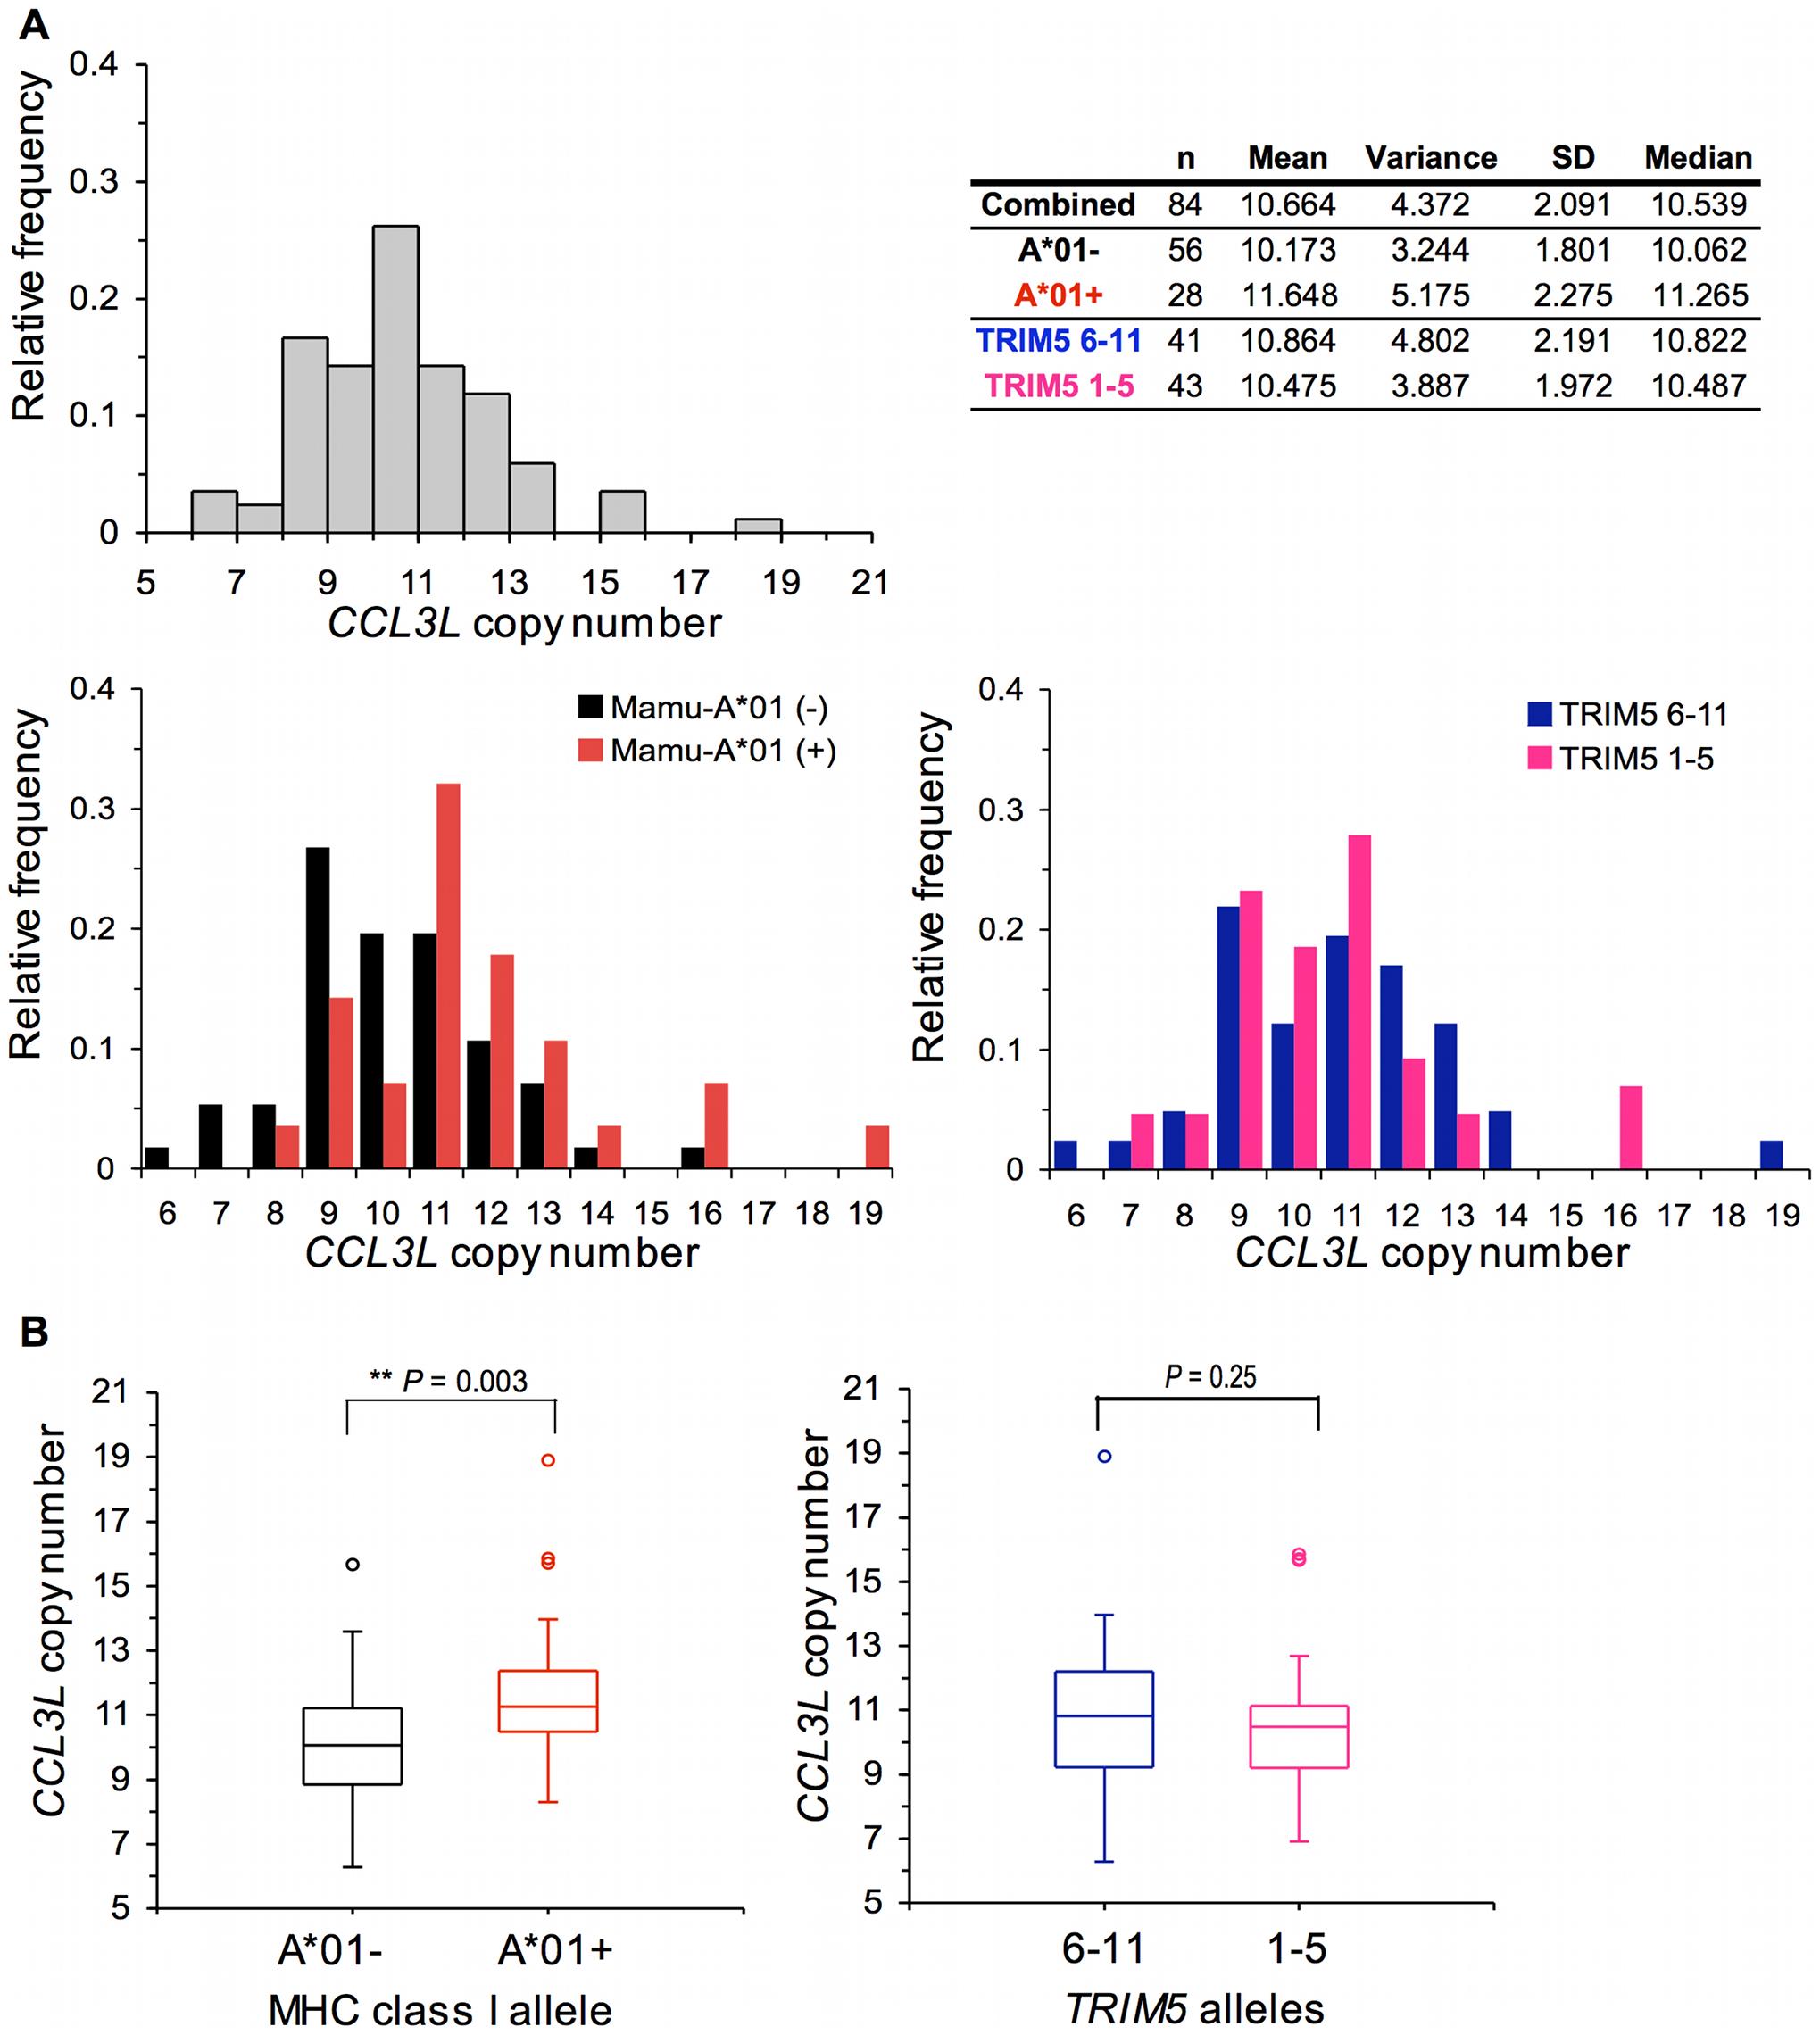 Distribution of <i>CCL3L</i> copy number in Indian-origin rhesus monkeys.